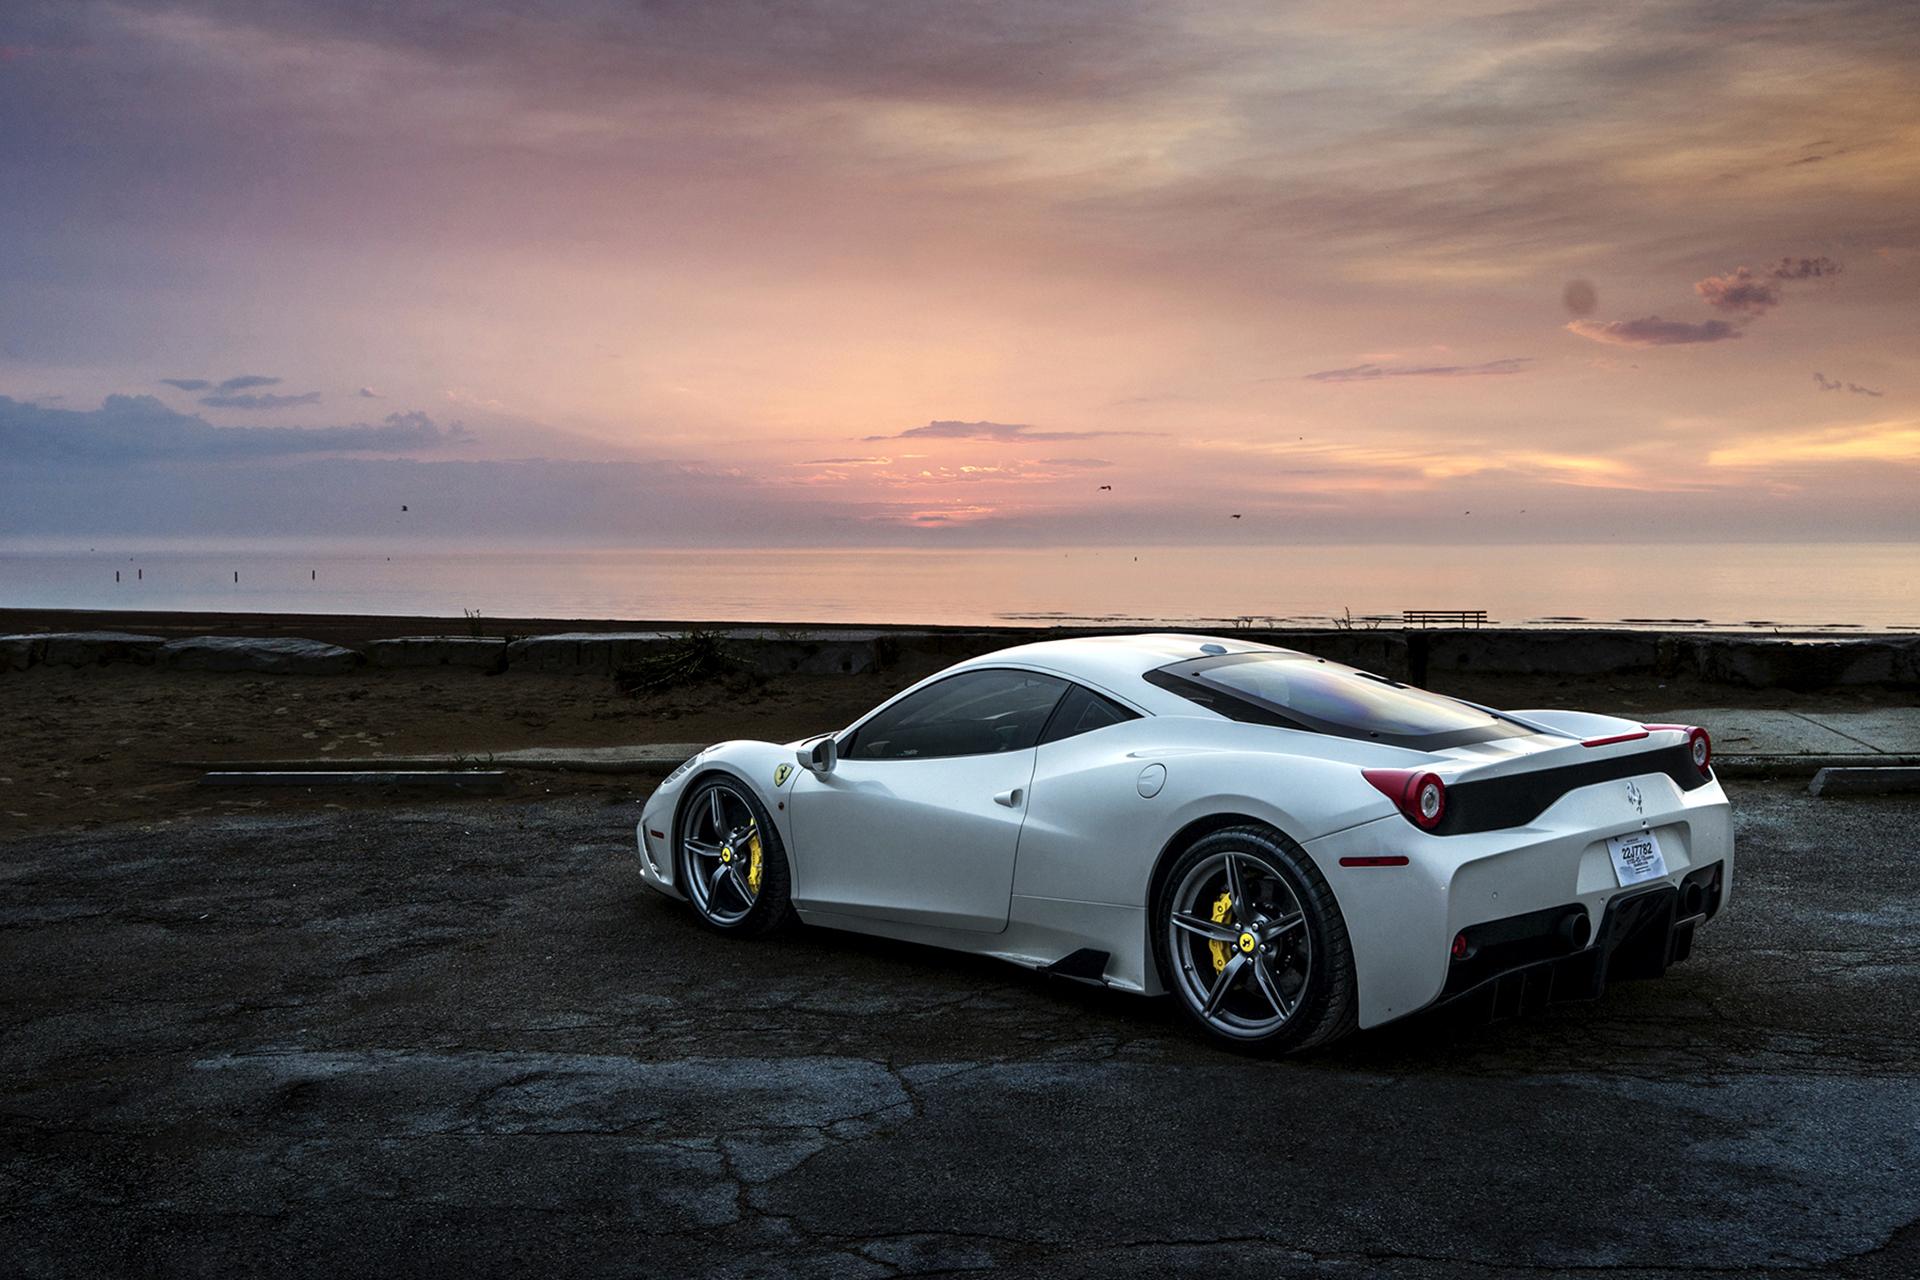 96817 papel de parede 480x800 em seu telefone gratuitamente, baixe imagens Ferrari, Carros, Vista Lateral, 458 480x800 em seu celular